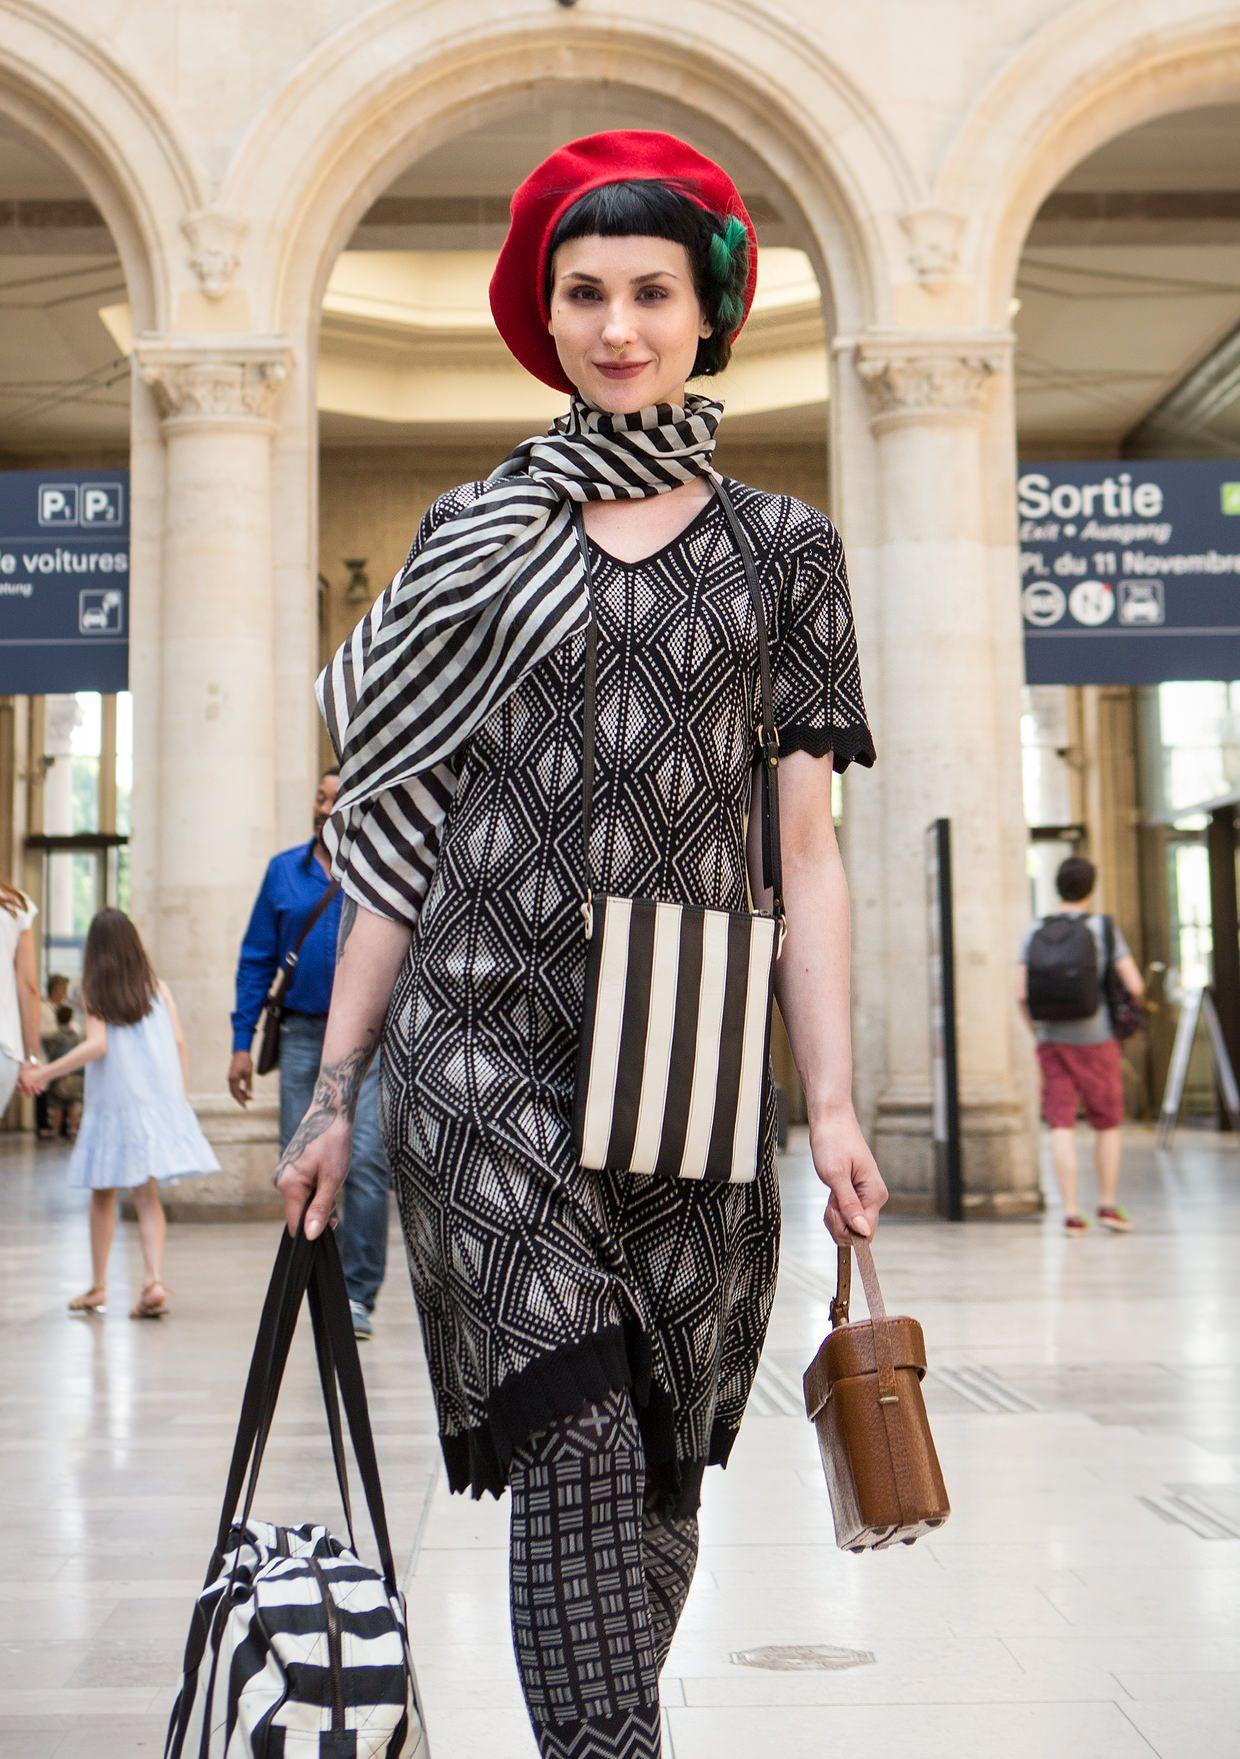 2c7656377d13 404 – Gudrun Sjödén Quirky Mode, Russian Fashion, Europeiskt Mode,  Fascinators, Sweetheart